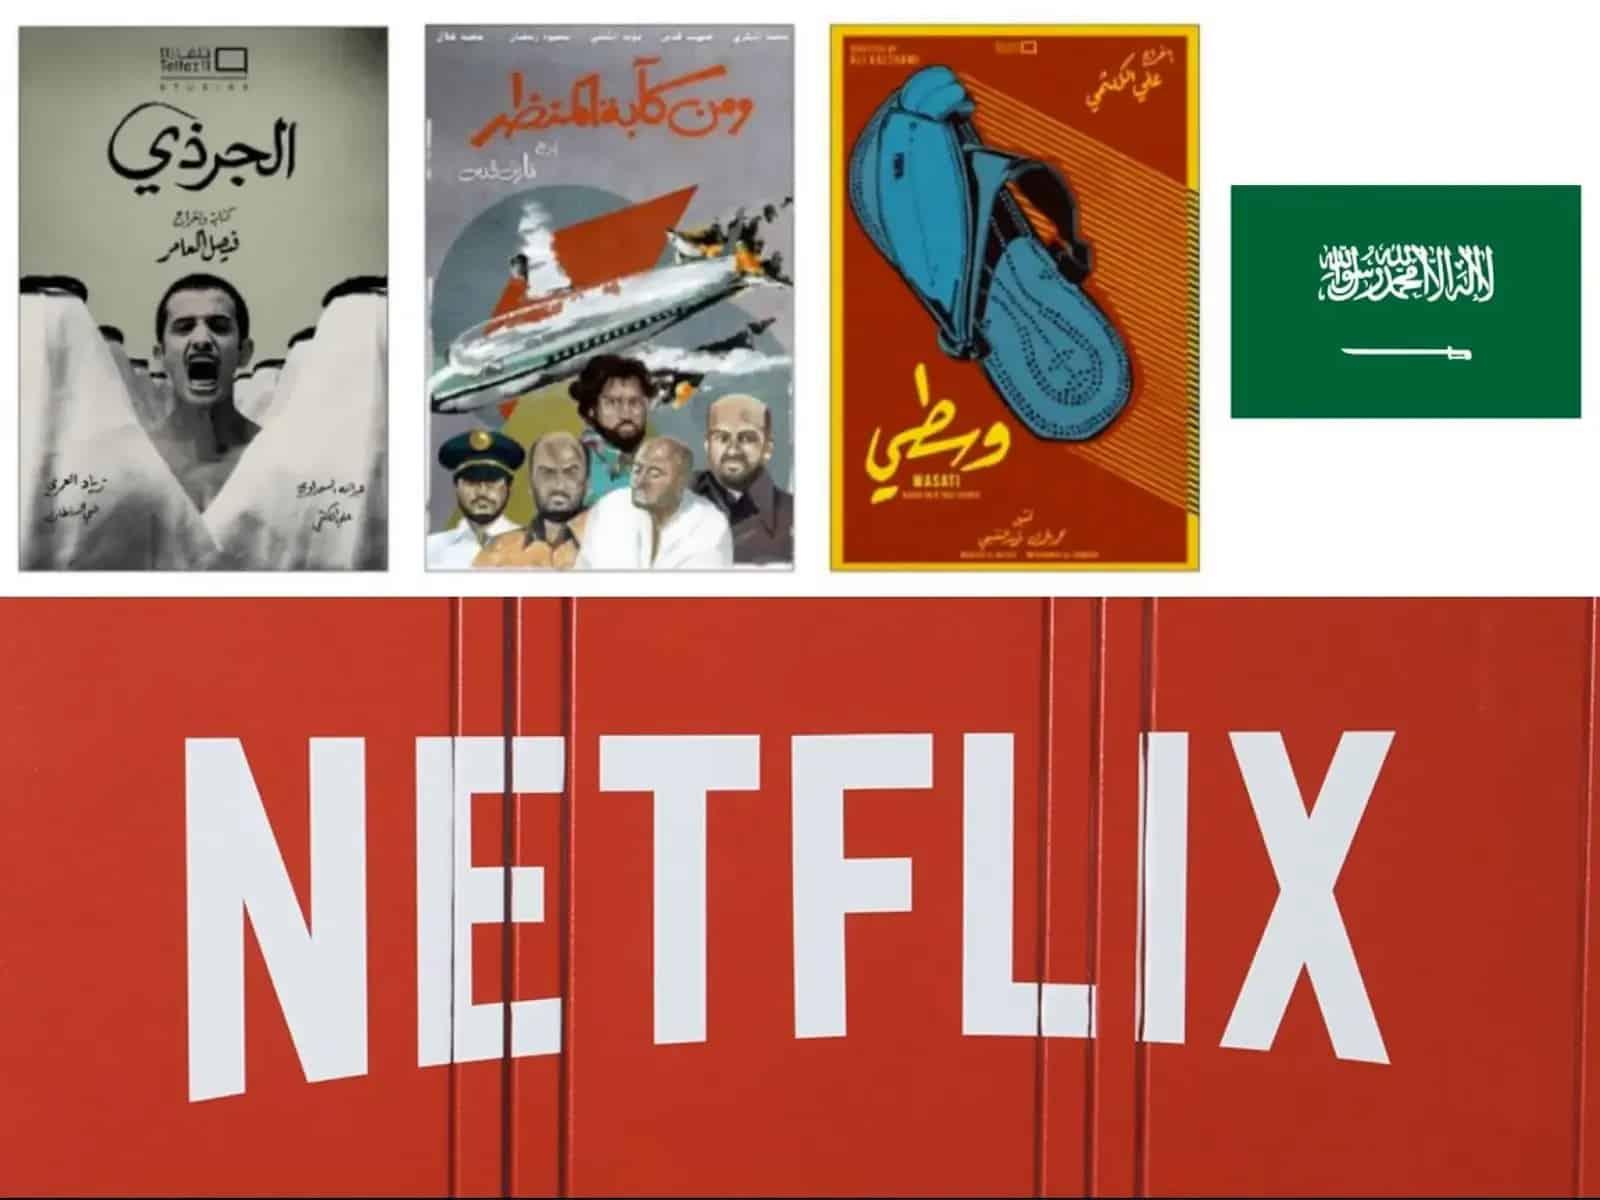 السعودية تدخل لشبكة Netflix عن طريق ستة أفلام